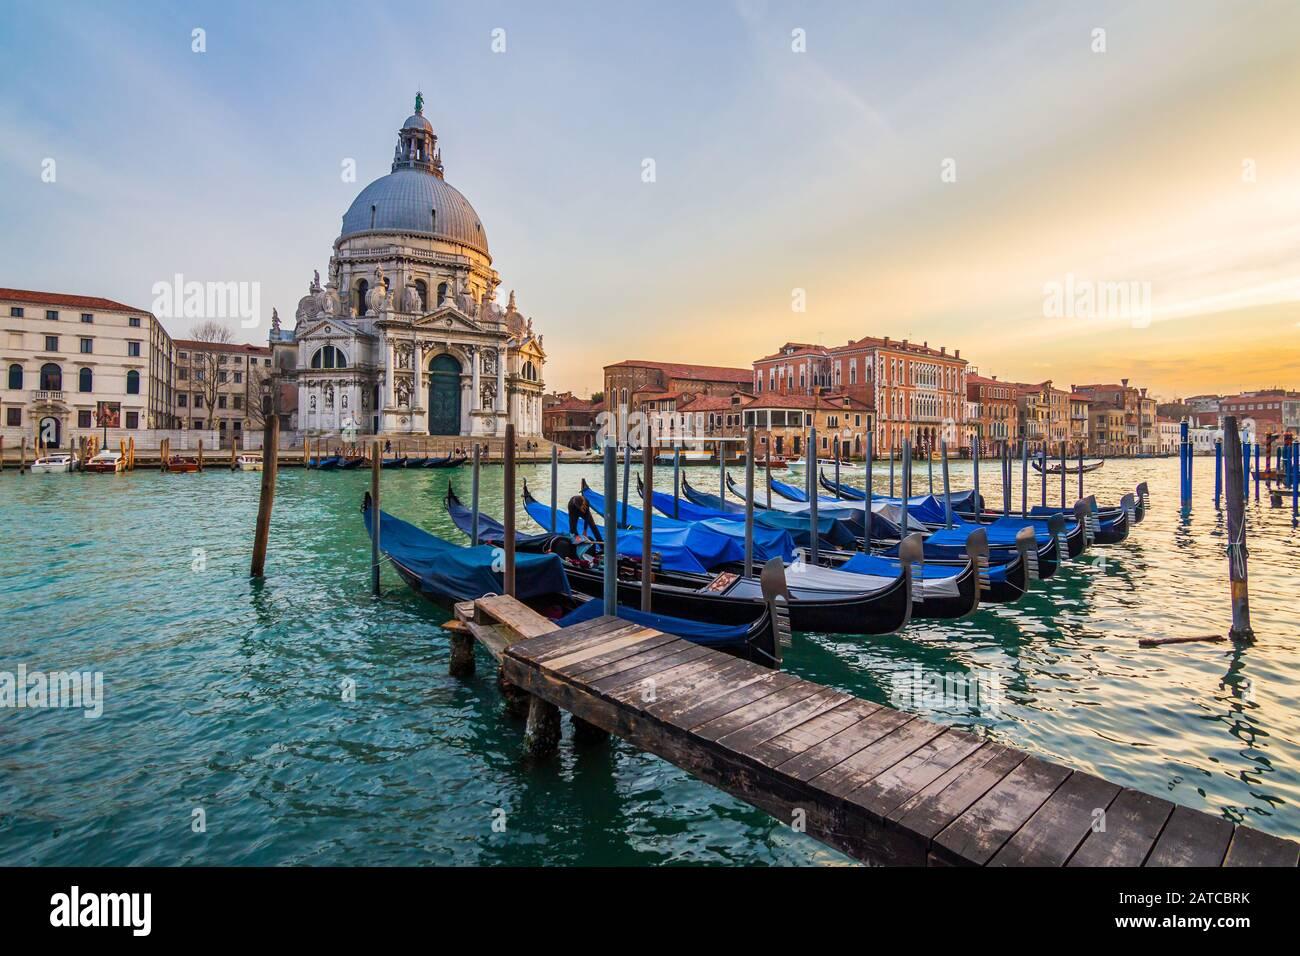 Die Gondeln von Venedig, Itlay Stockfoto